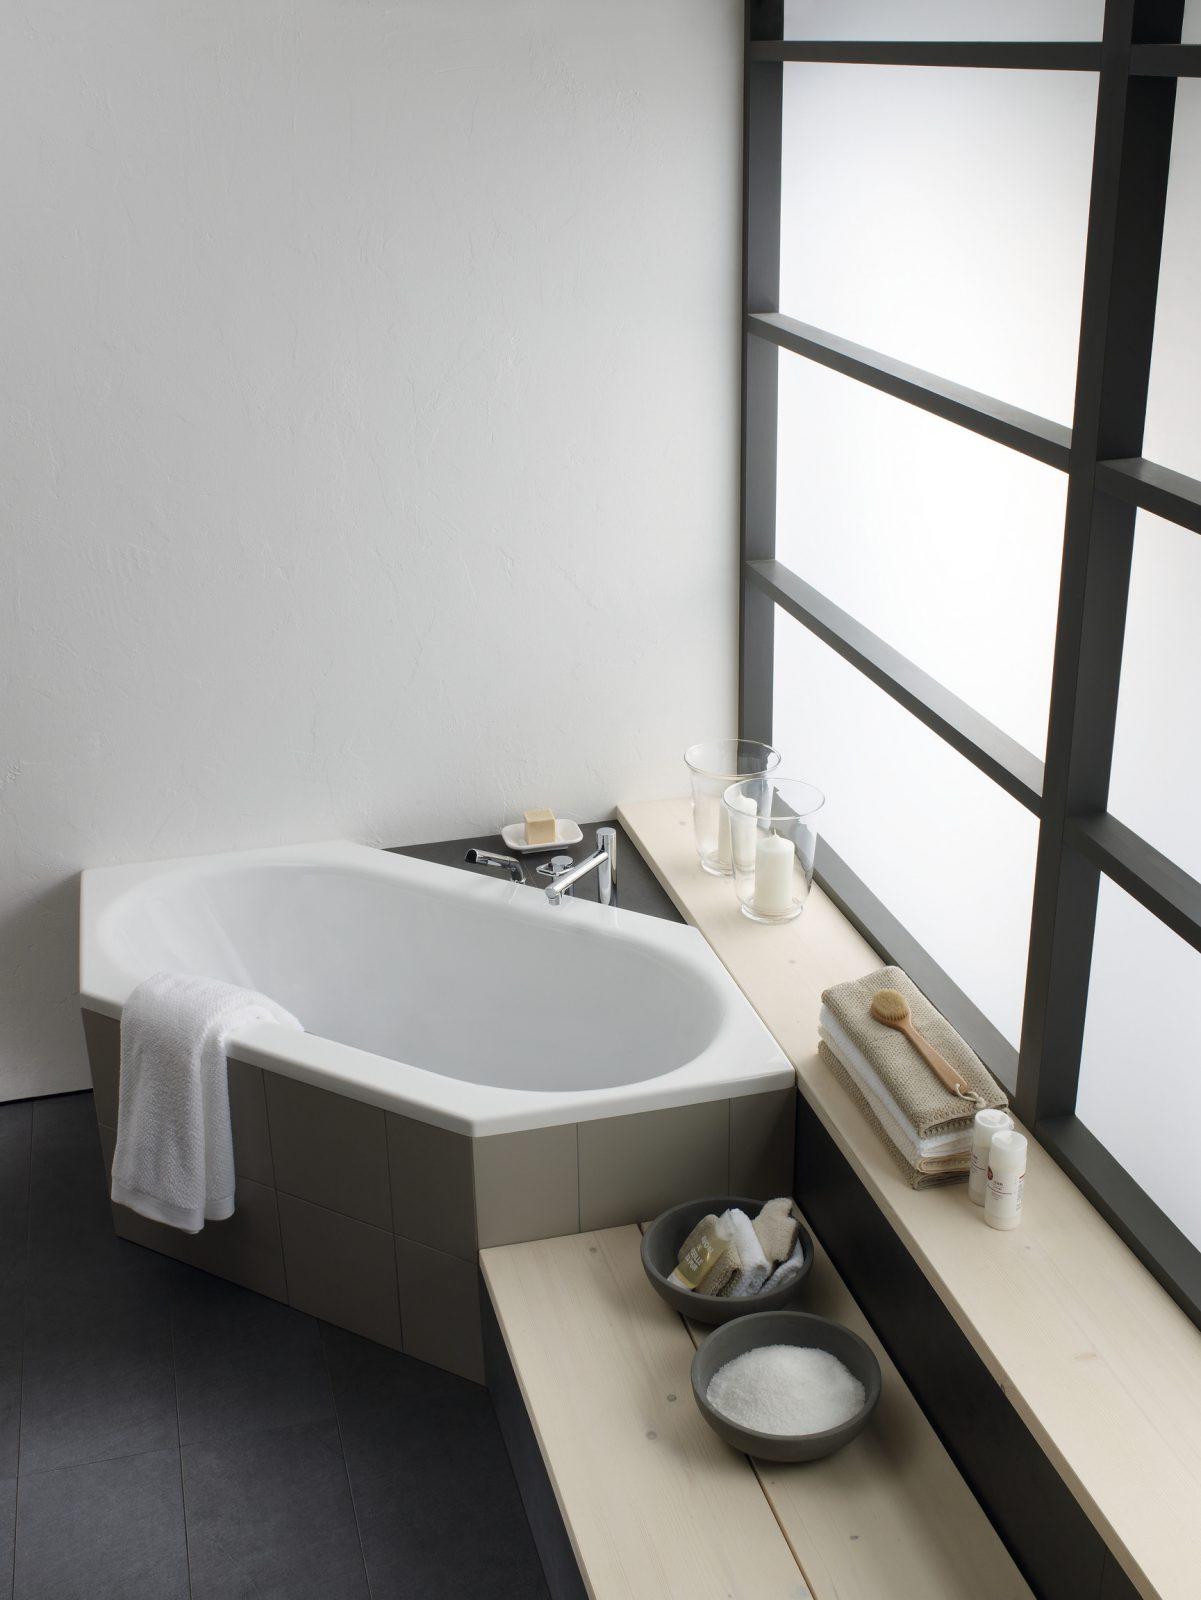 Baignoire baln oth rapie pour salle de bains laufen solutions - Baignoire balneotherapie ...